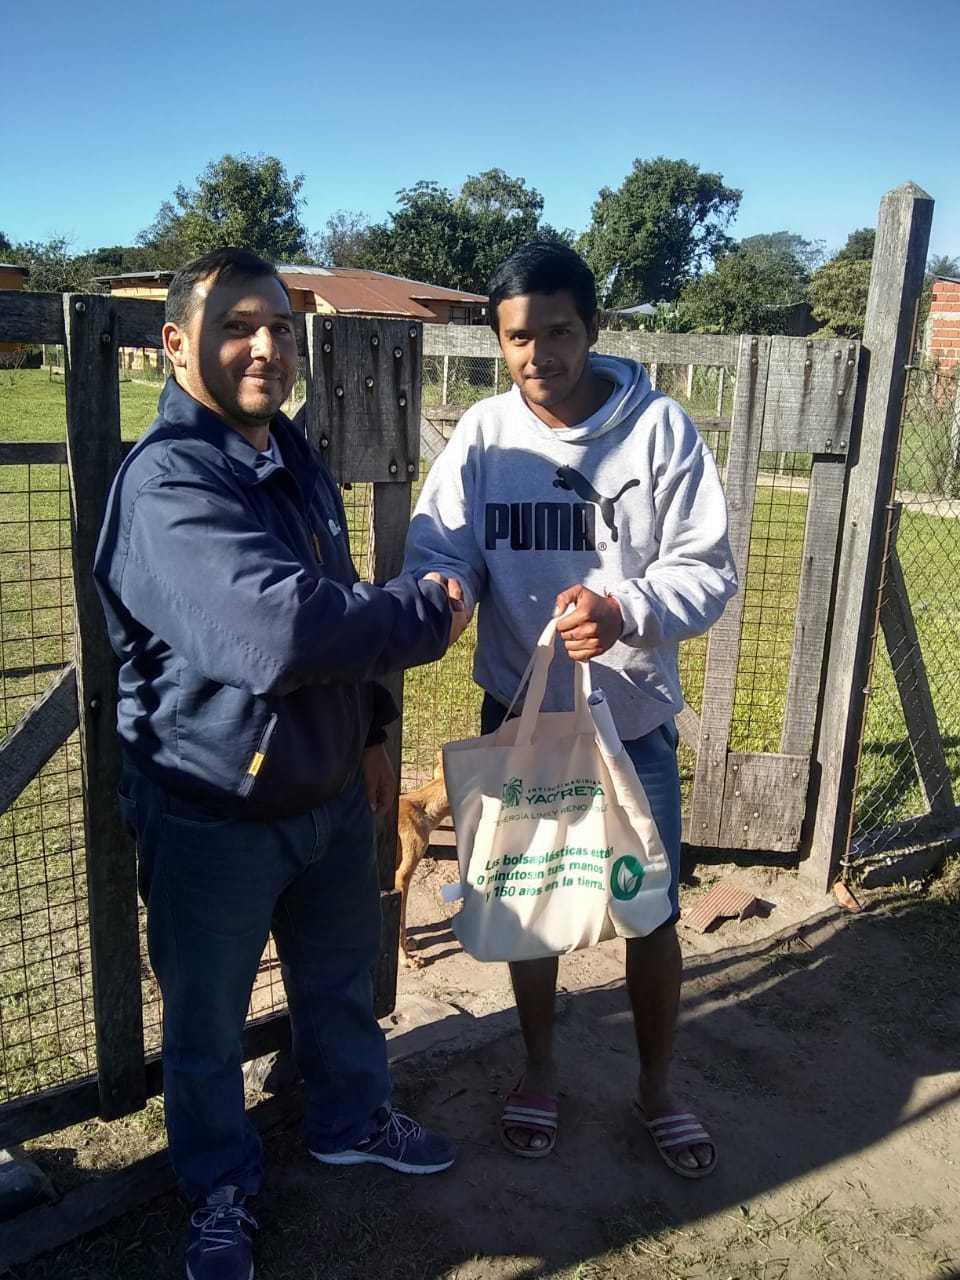 La EBY premia a un pescador que devolvió un pez del programa de marcación